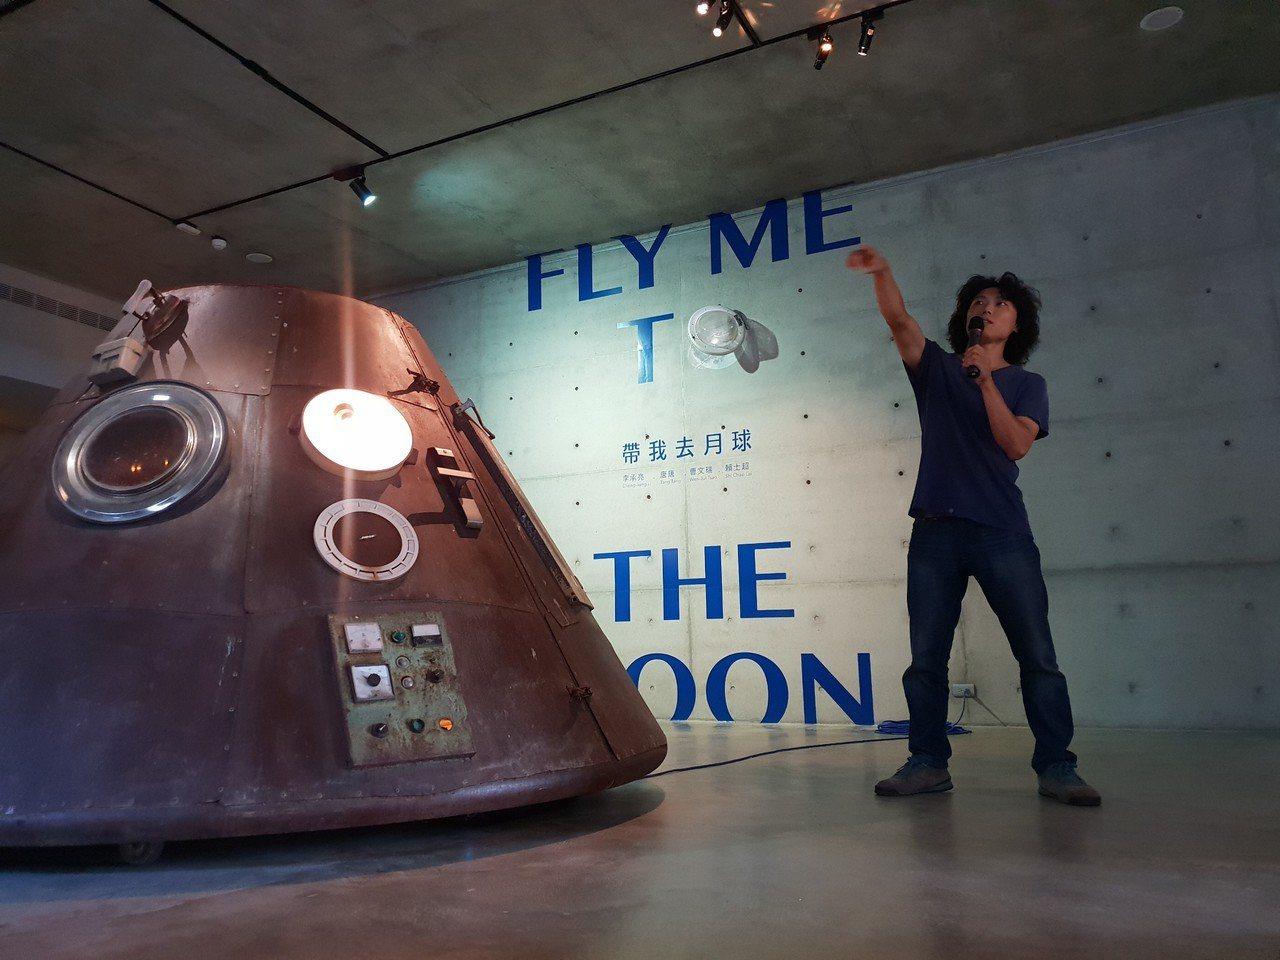 毓繡美術館「帶我去月球」展覽,藝術家李承亮用冰箱、電鍋、洗衣機等廢電器打造太空艙...